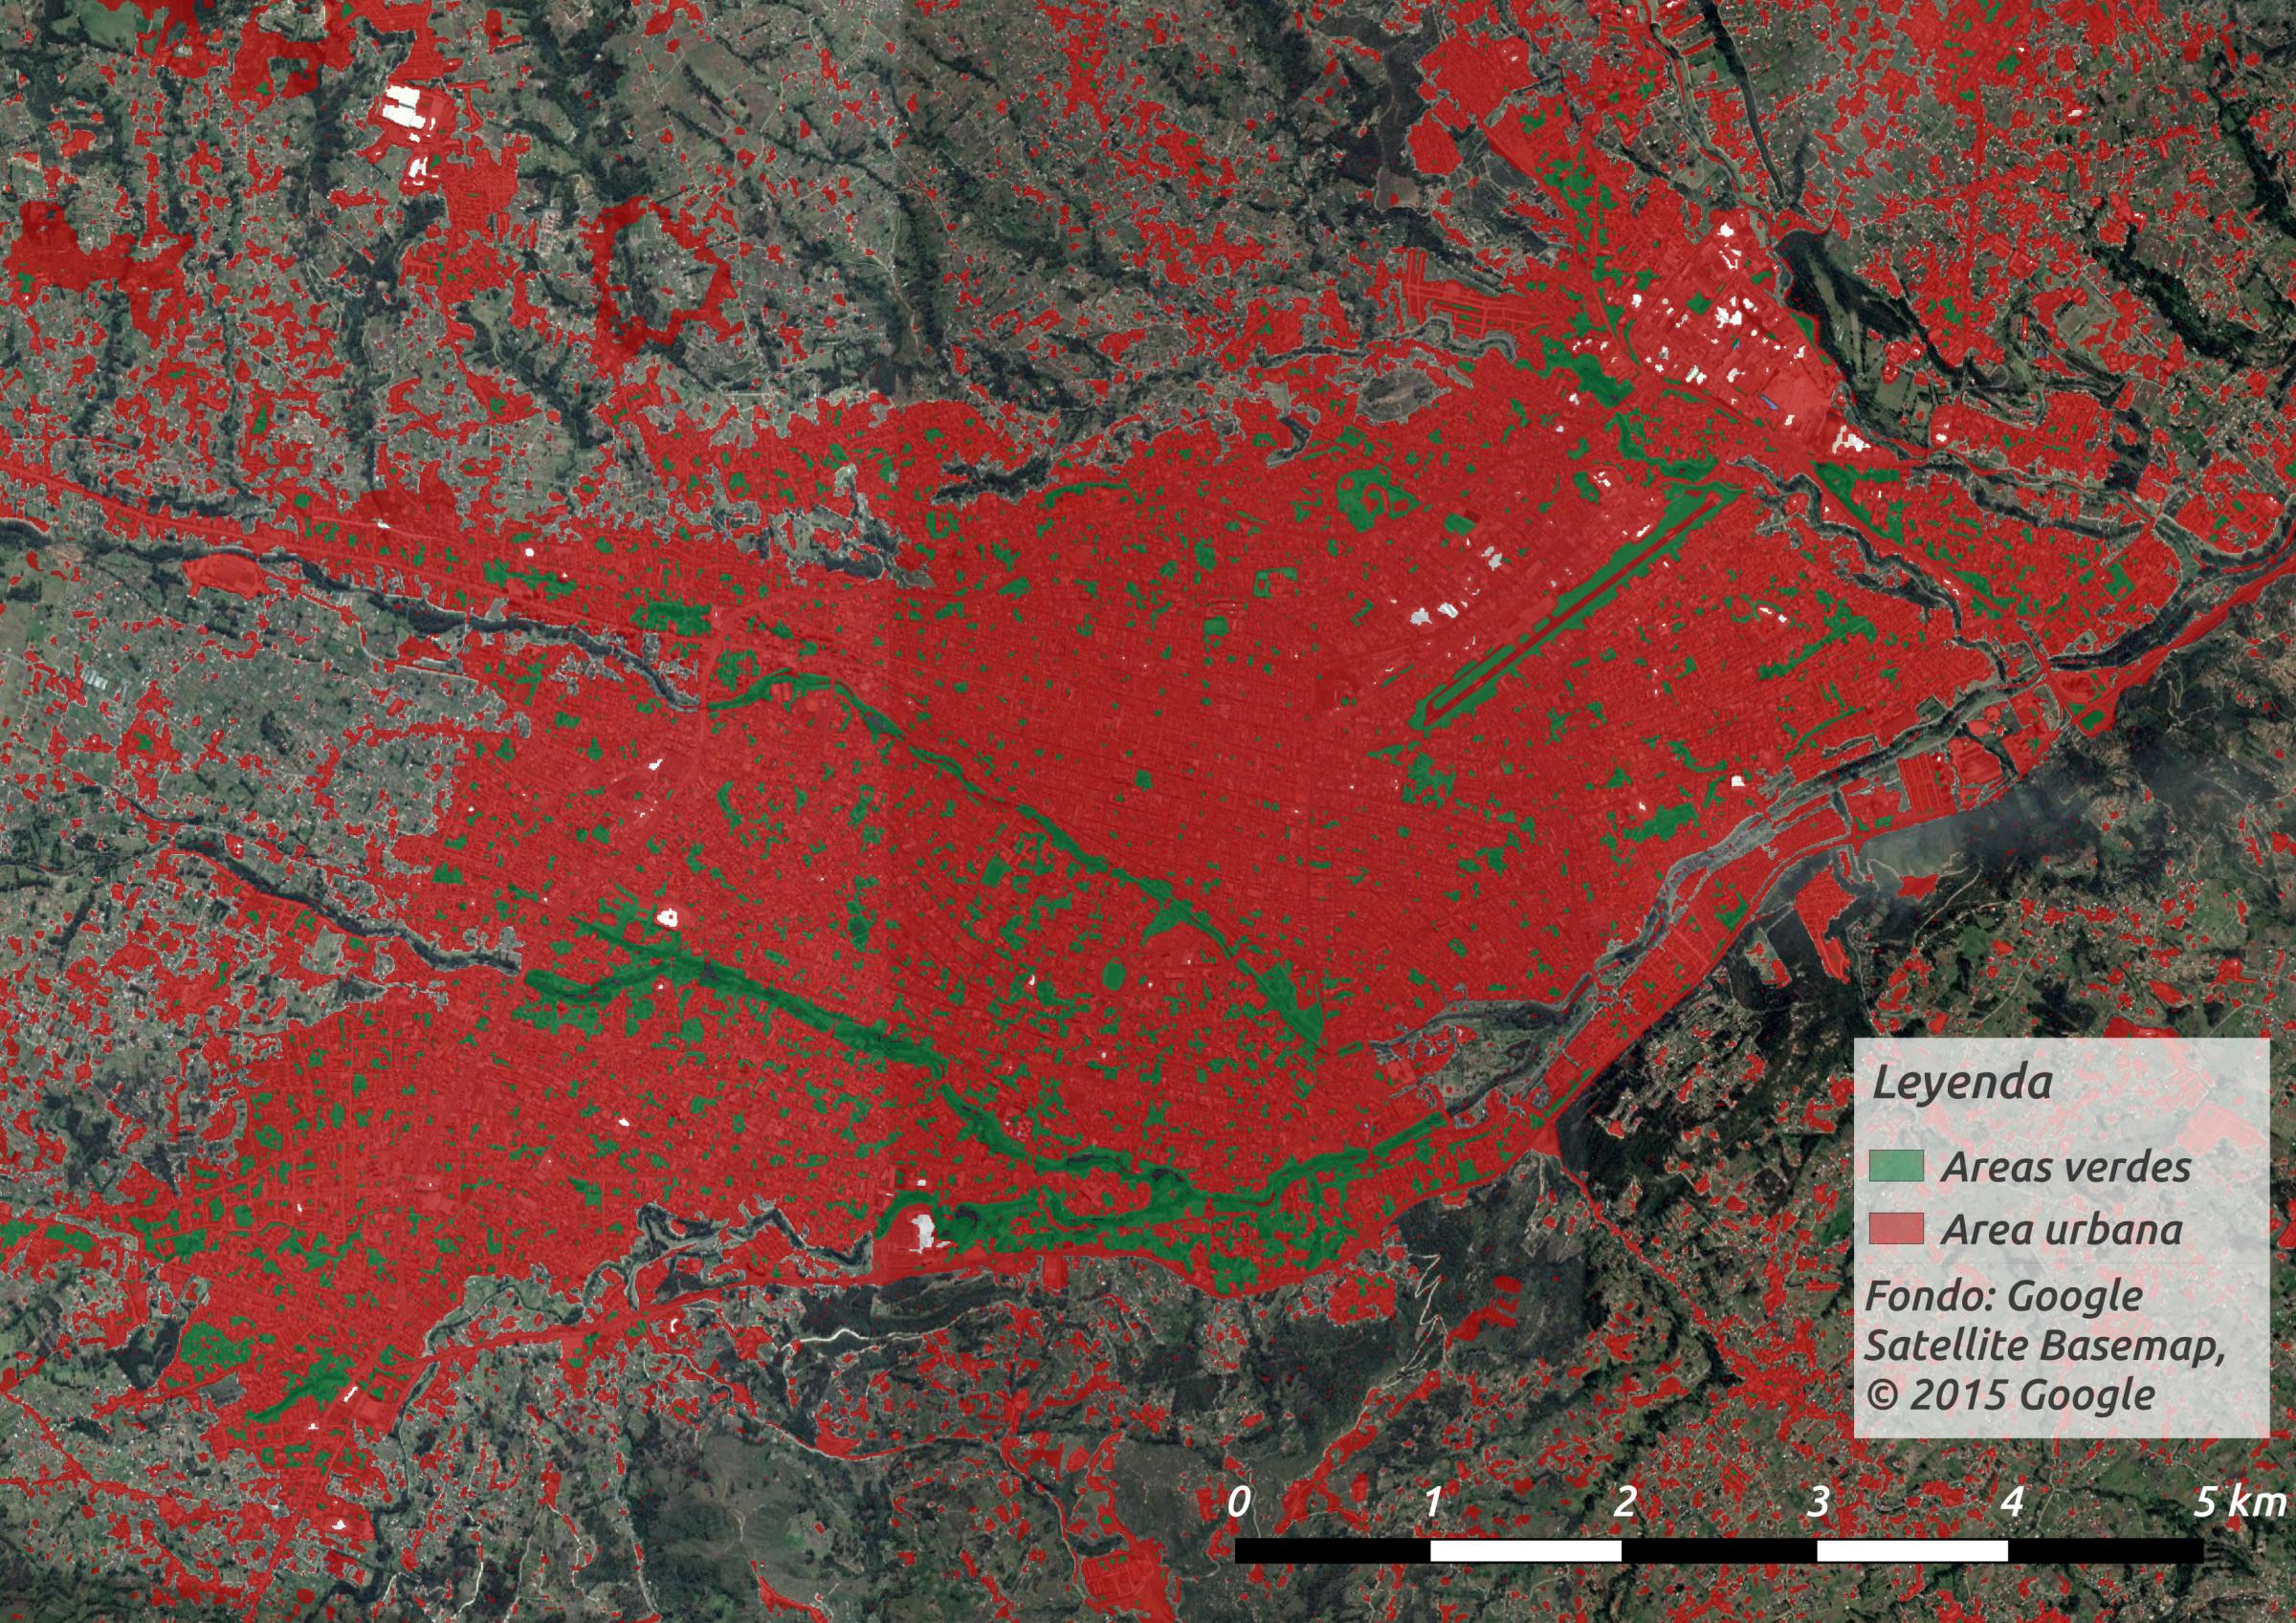 Detectando tejidos urbanos desde el espacio